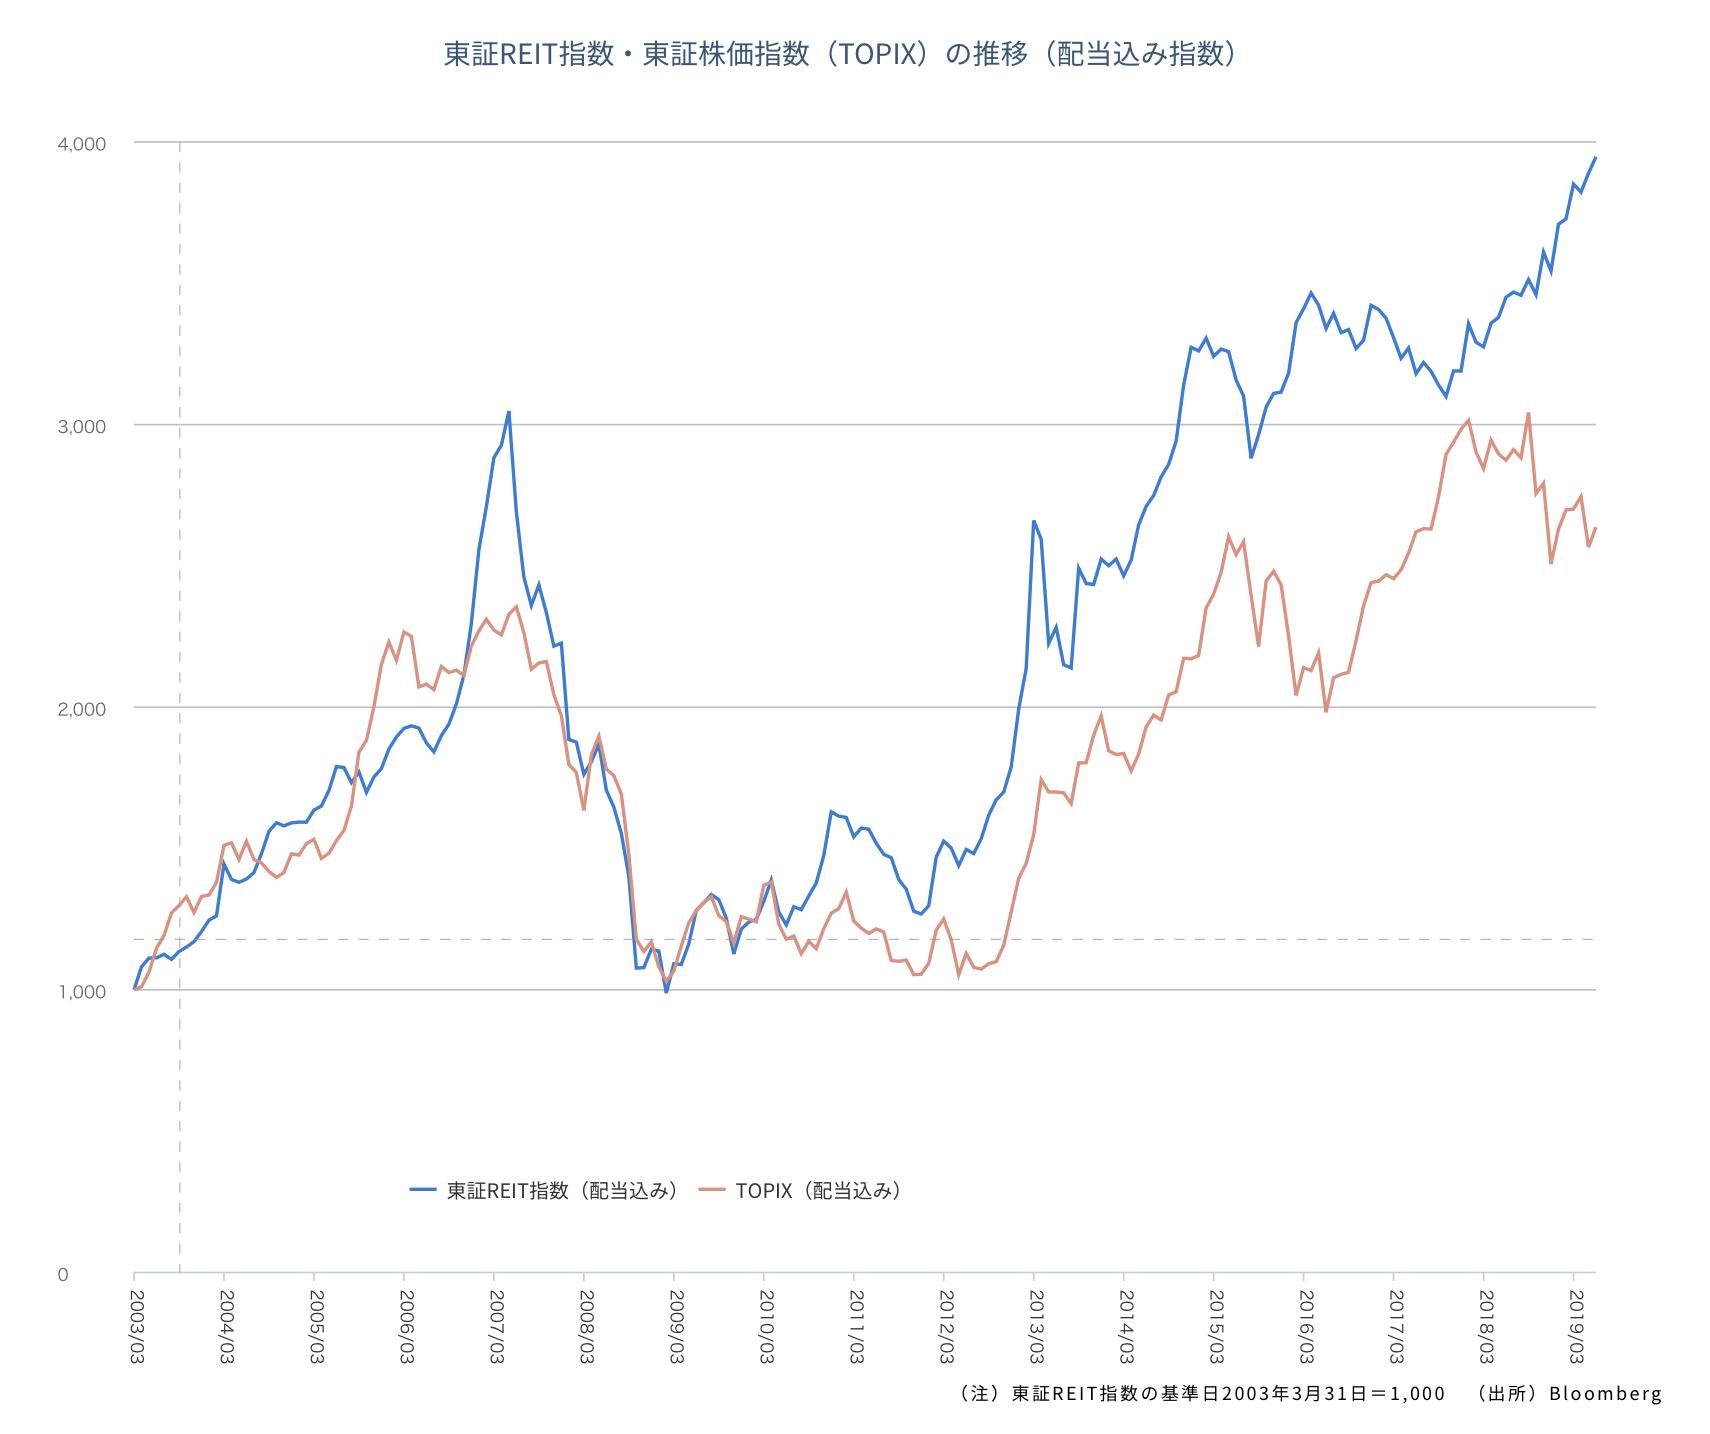 TOPIXと東証REIT指数